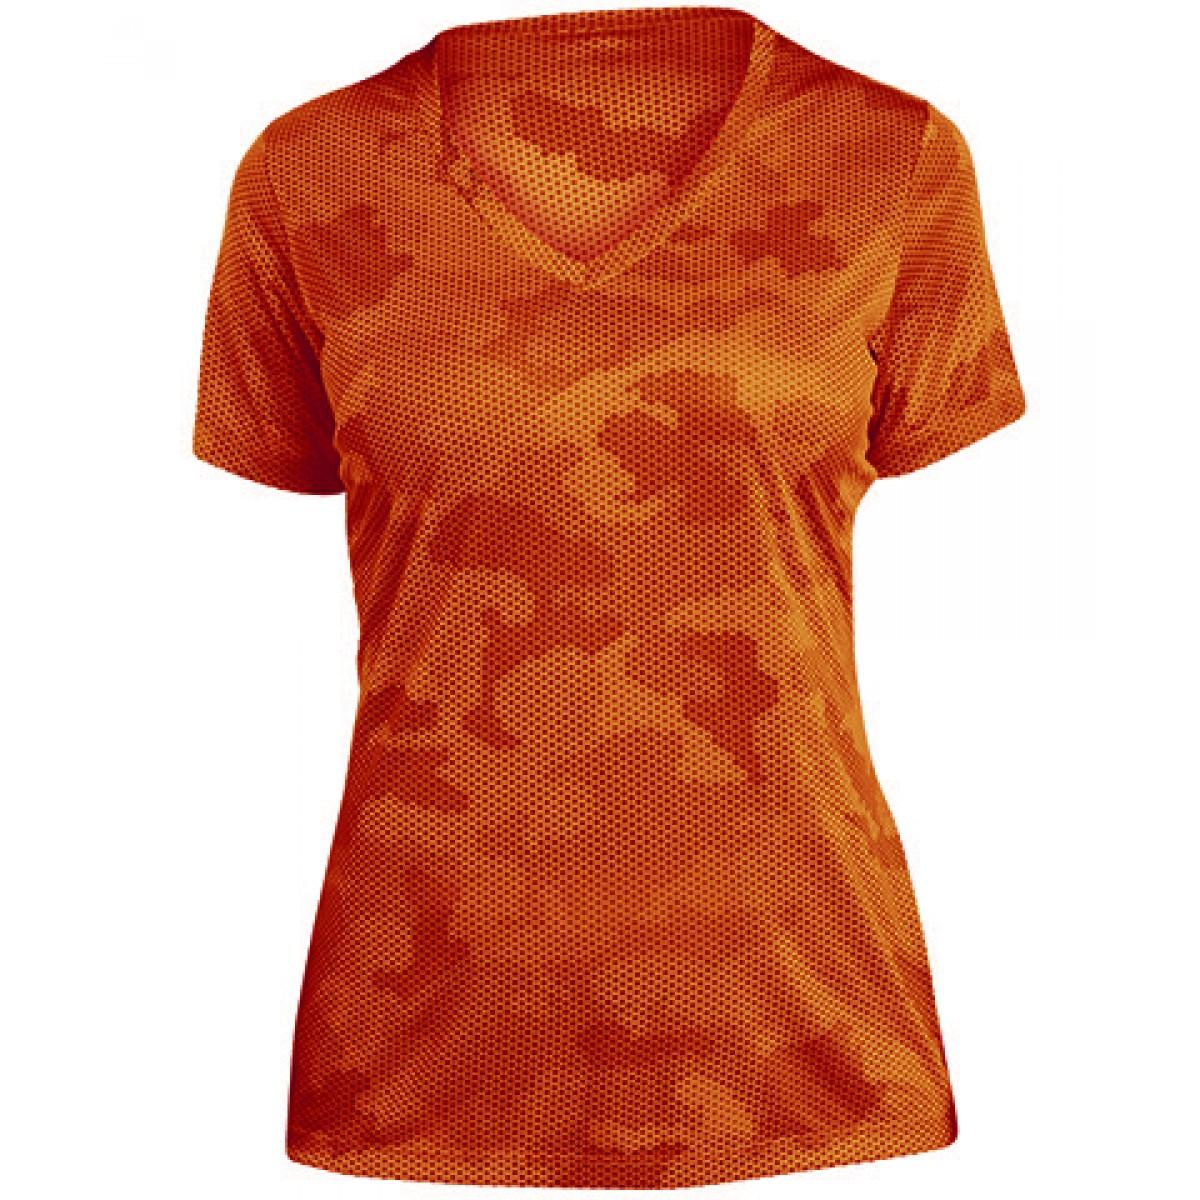 Ladies CamoHex V-Neck Tee-Orange-XL